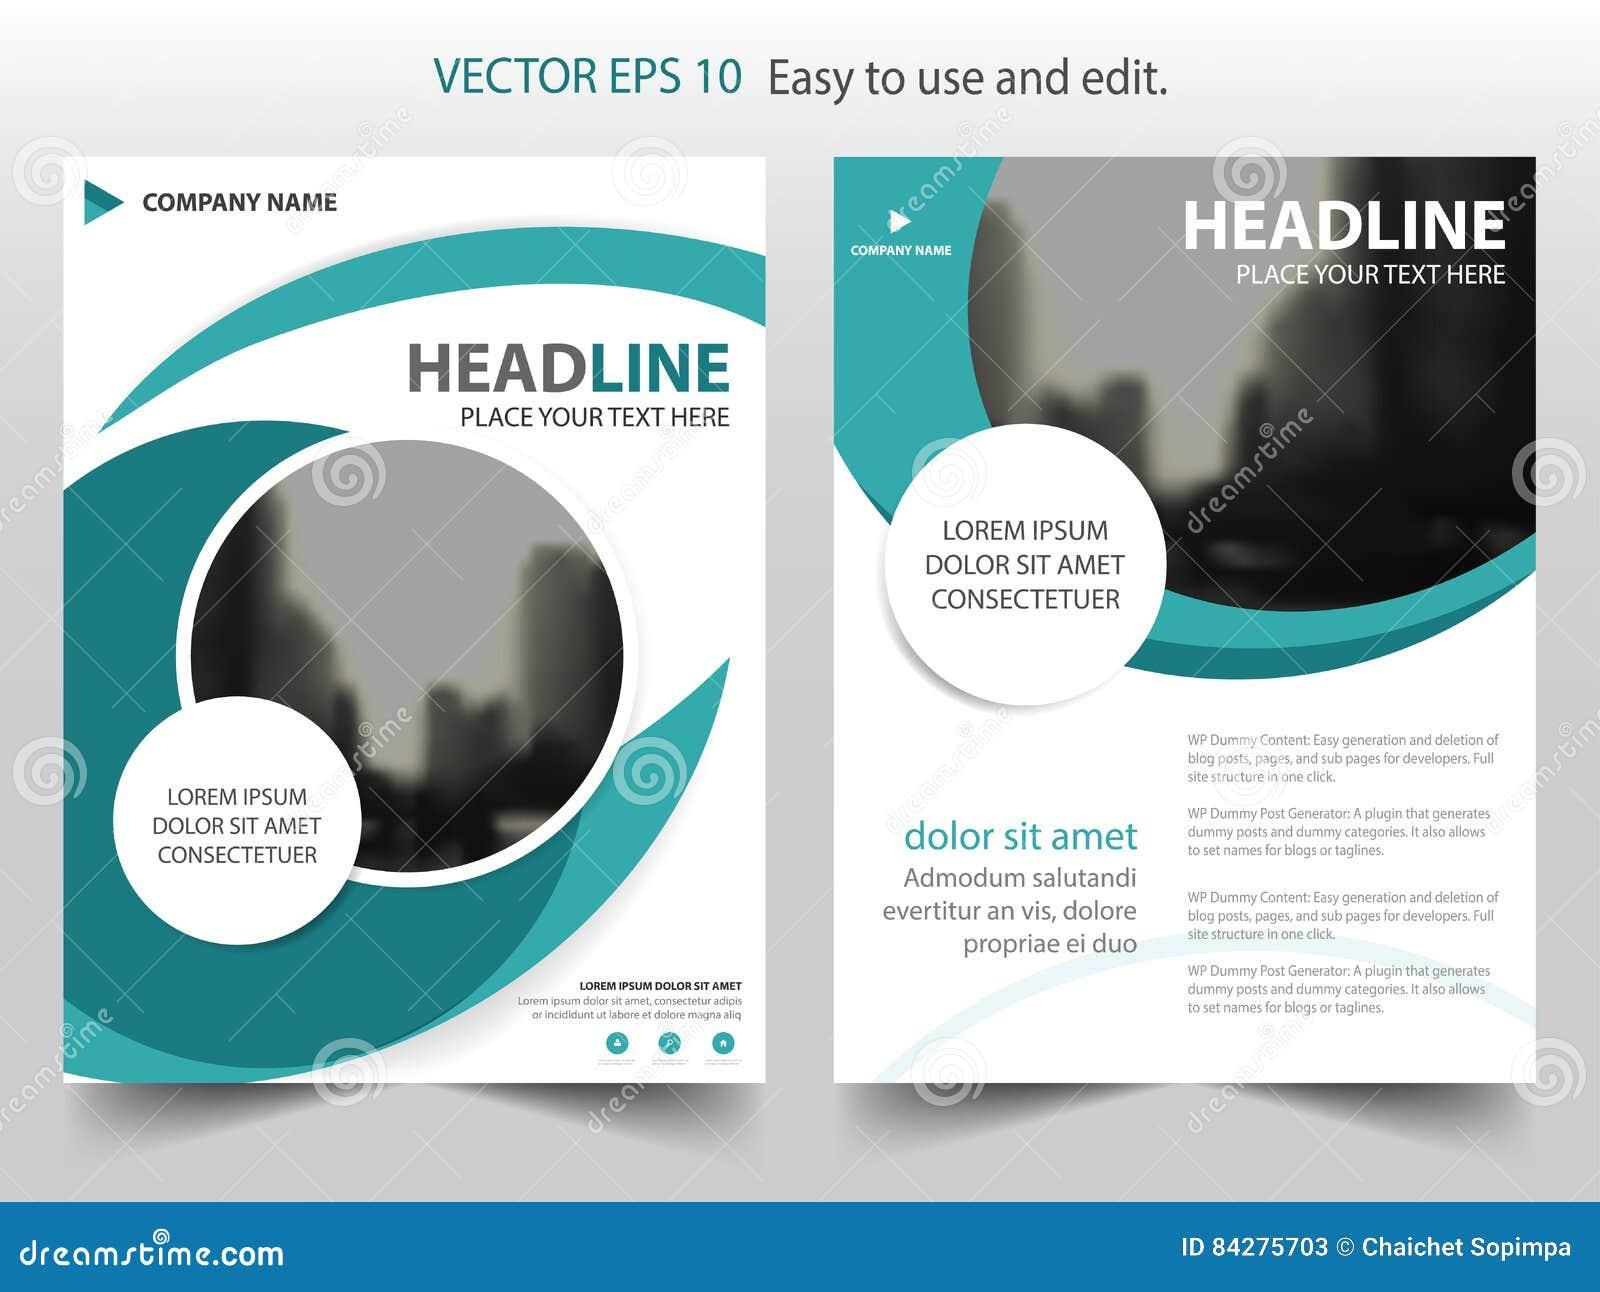 Μπλε αφηρημένο διάνυσμα προτύπων σχεδίου φυλλάδιων ετήσια εκθέσεων κύκλων Infographic αφίσα περιοδικών επιχειρησιακών ιπτάμενων